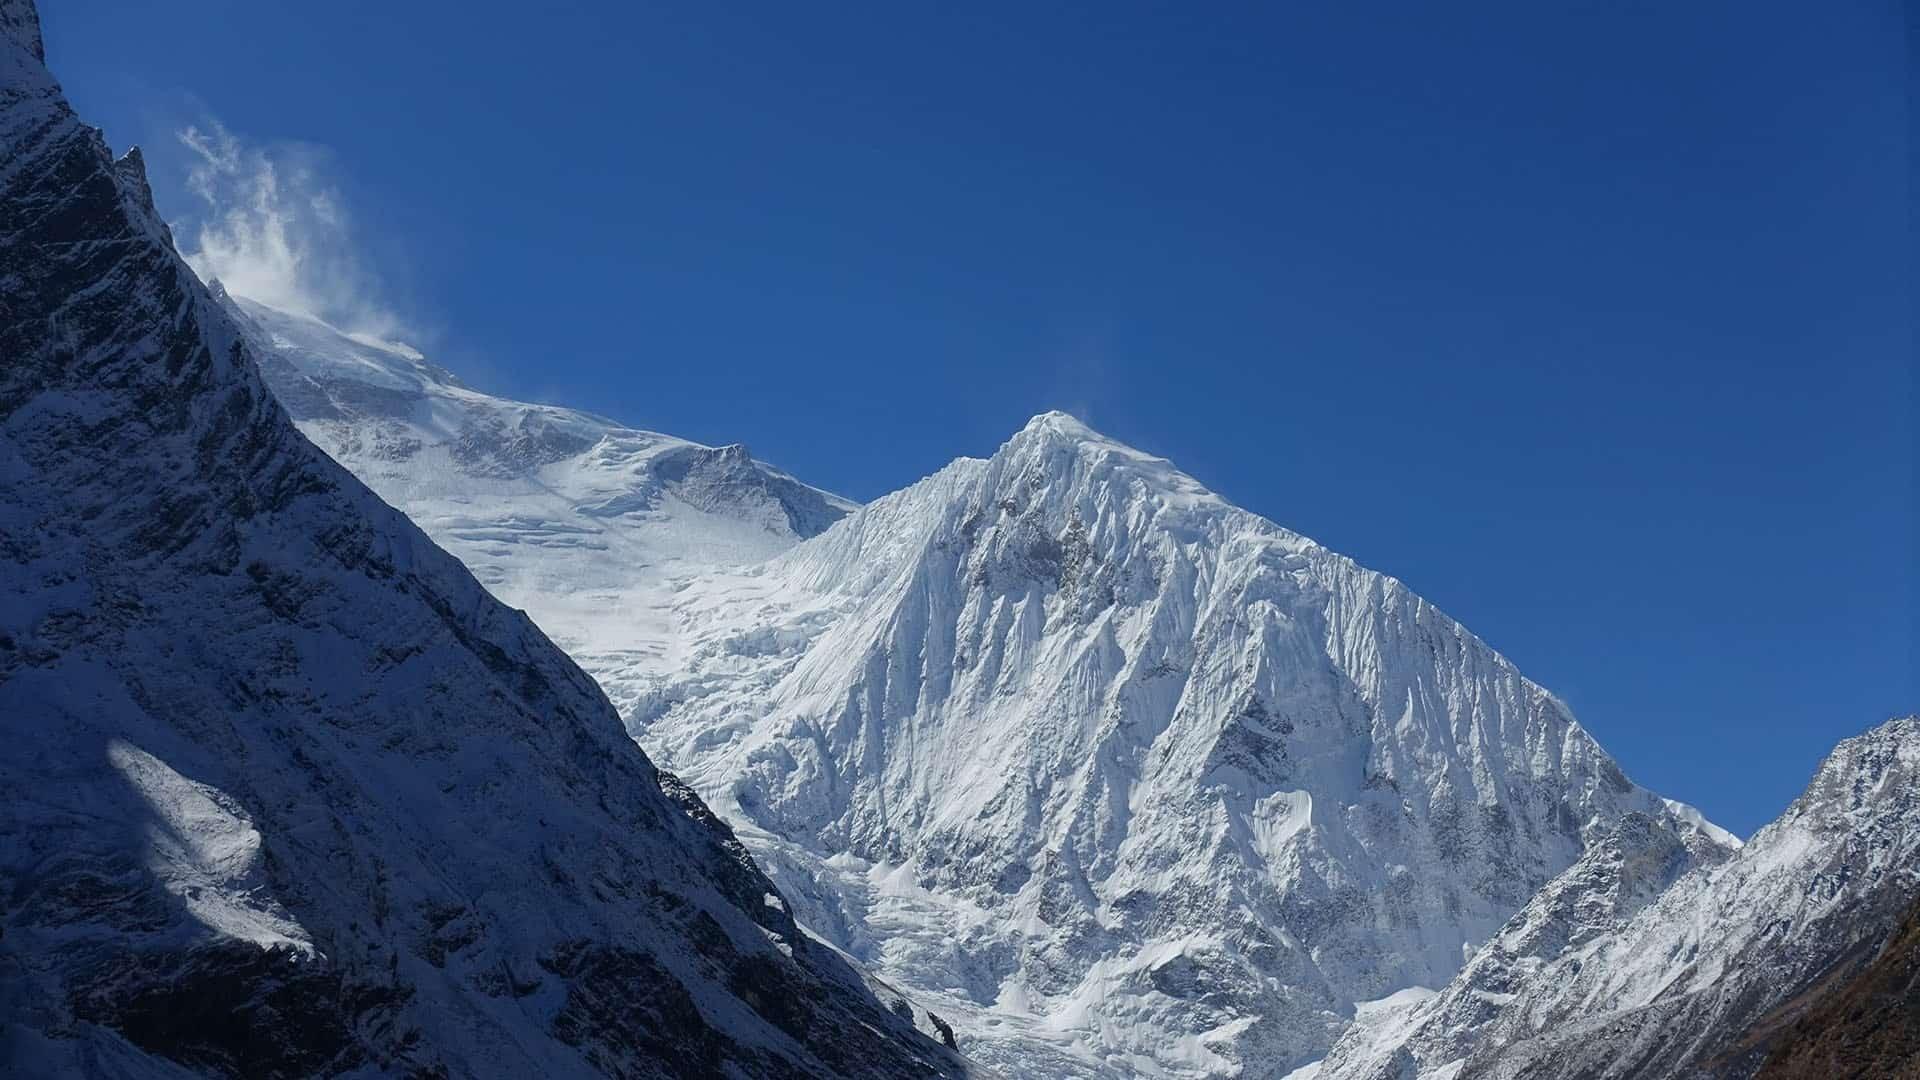 Manaslu & Ganesh Himal Region